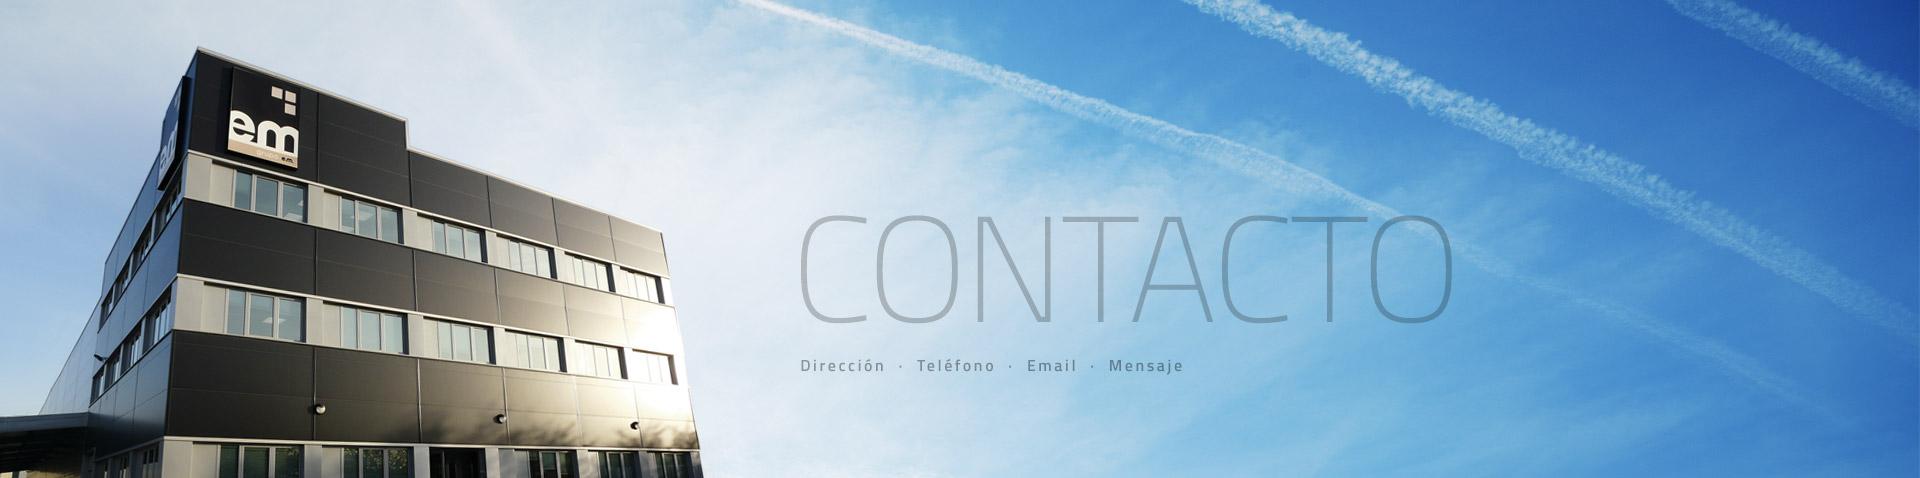 domotex contacto